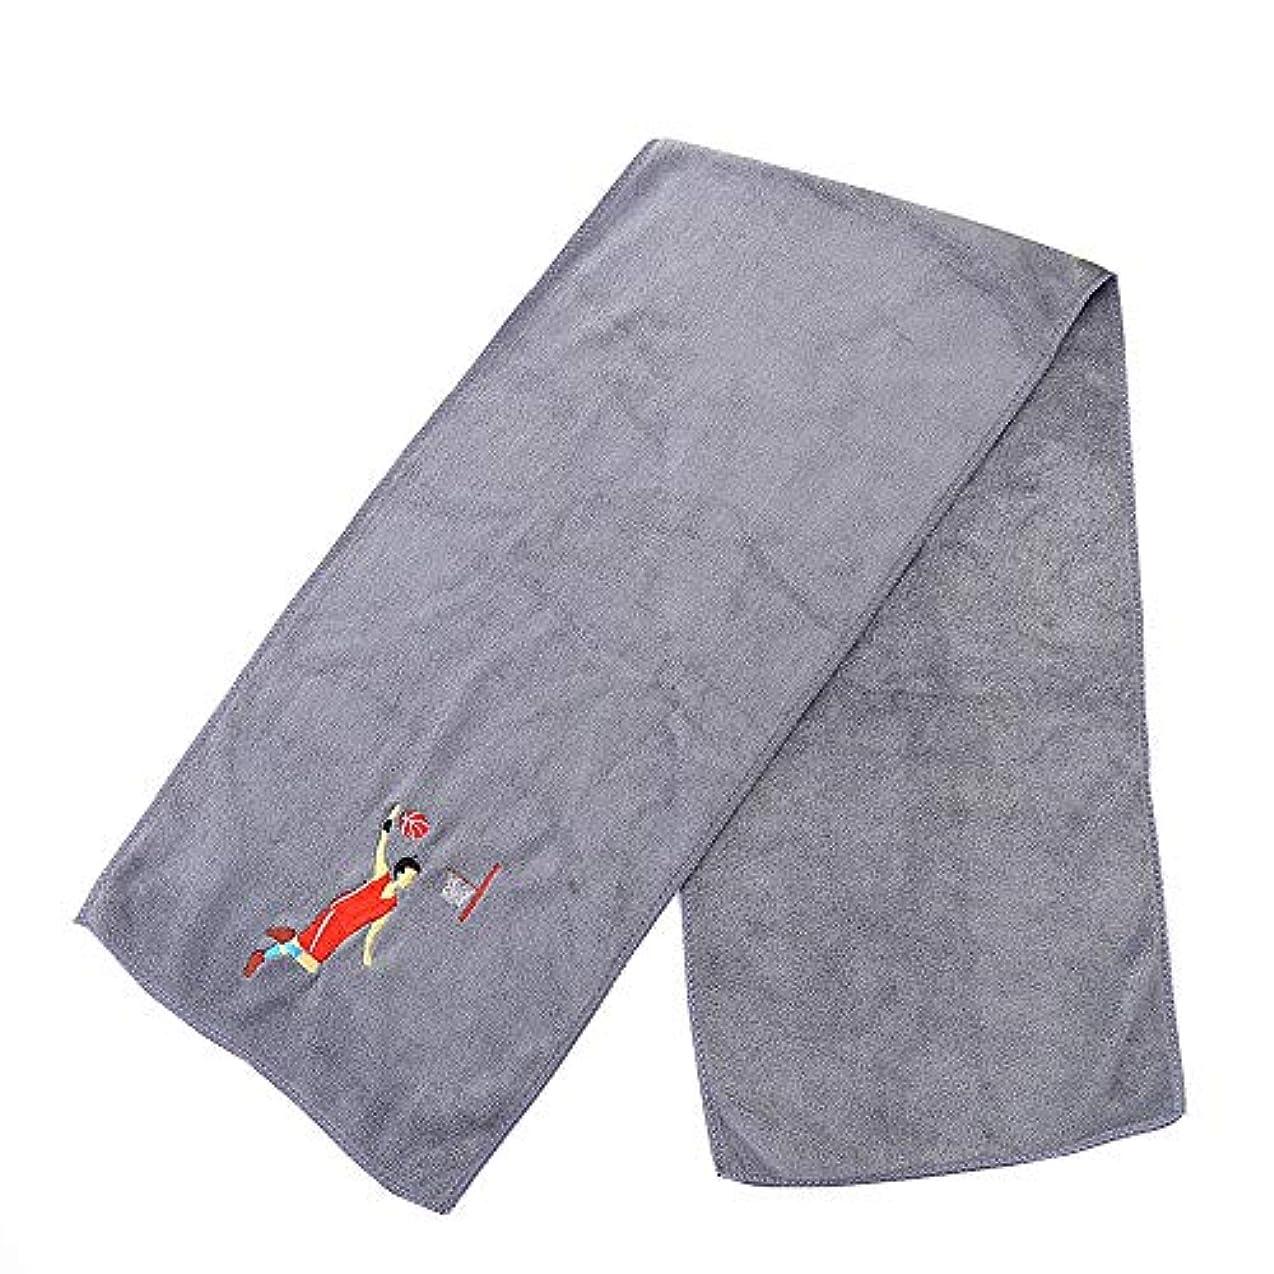 切断する転用交通Huanou メンズ スポーツ マフラータオル いループホール付き タオル 登山 綿100% 速乾 子供 男女兼用